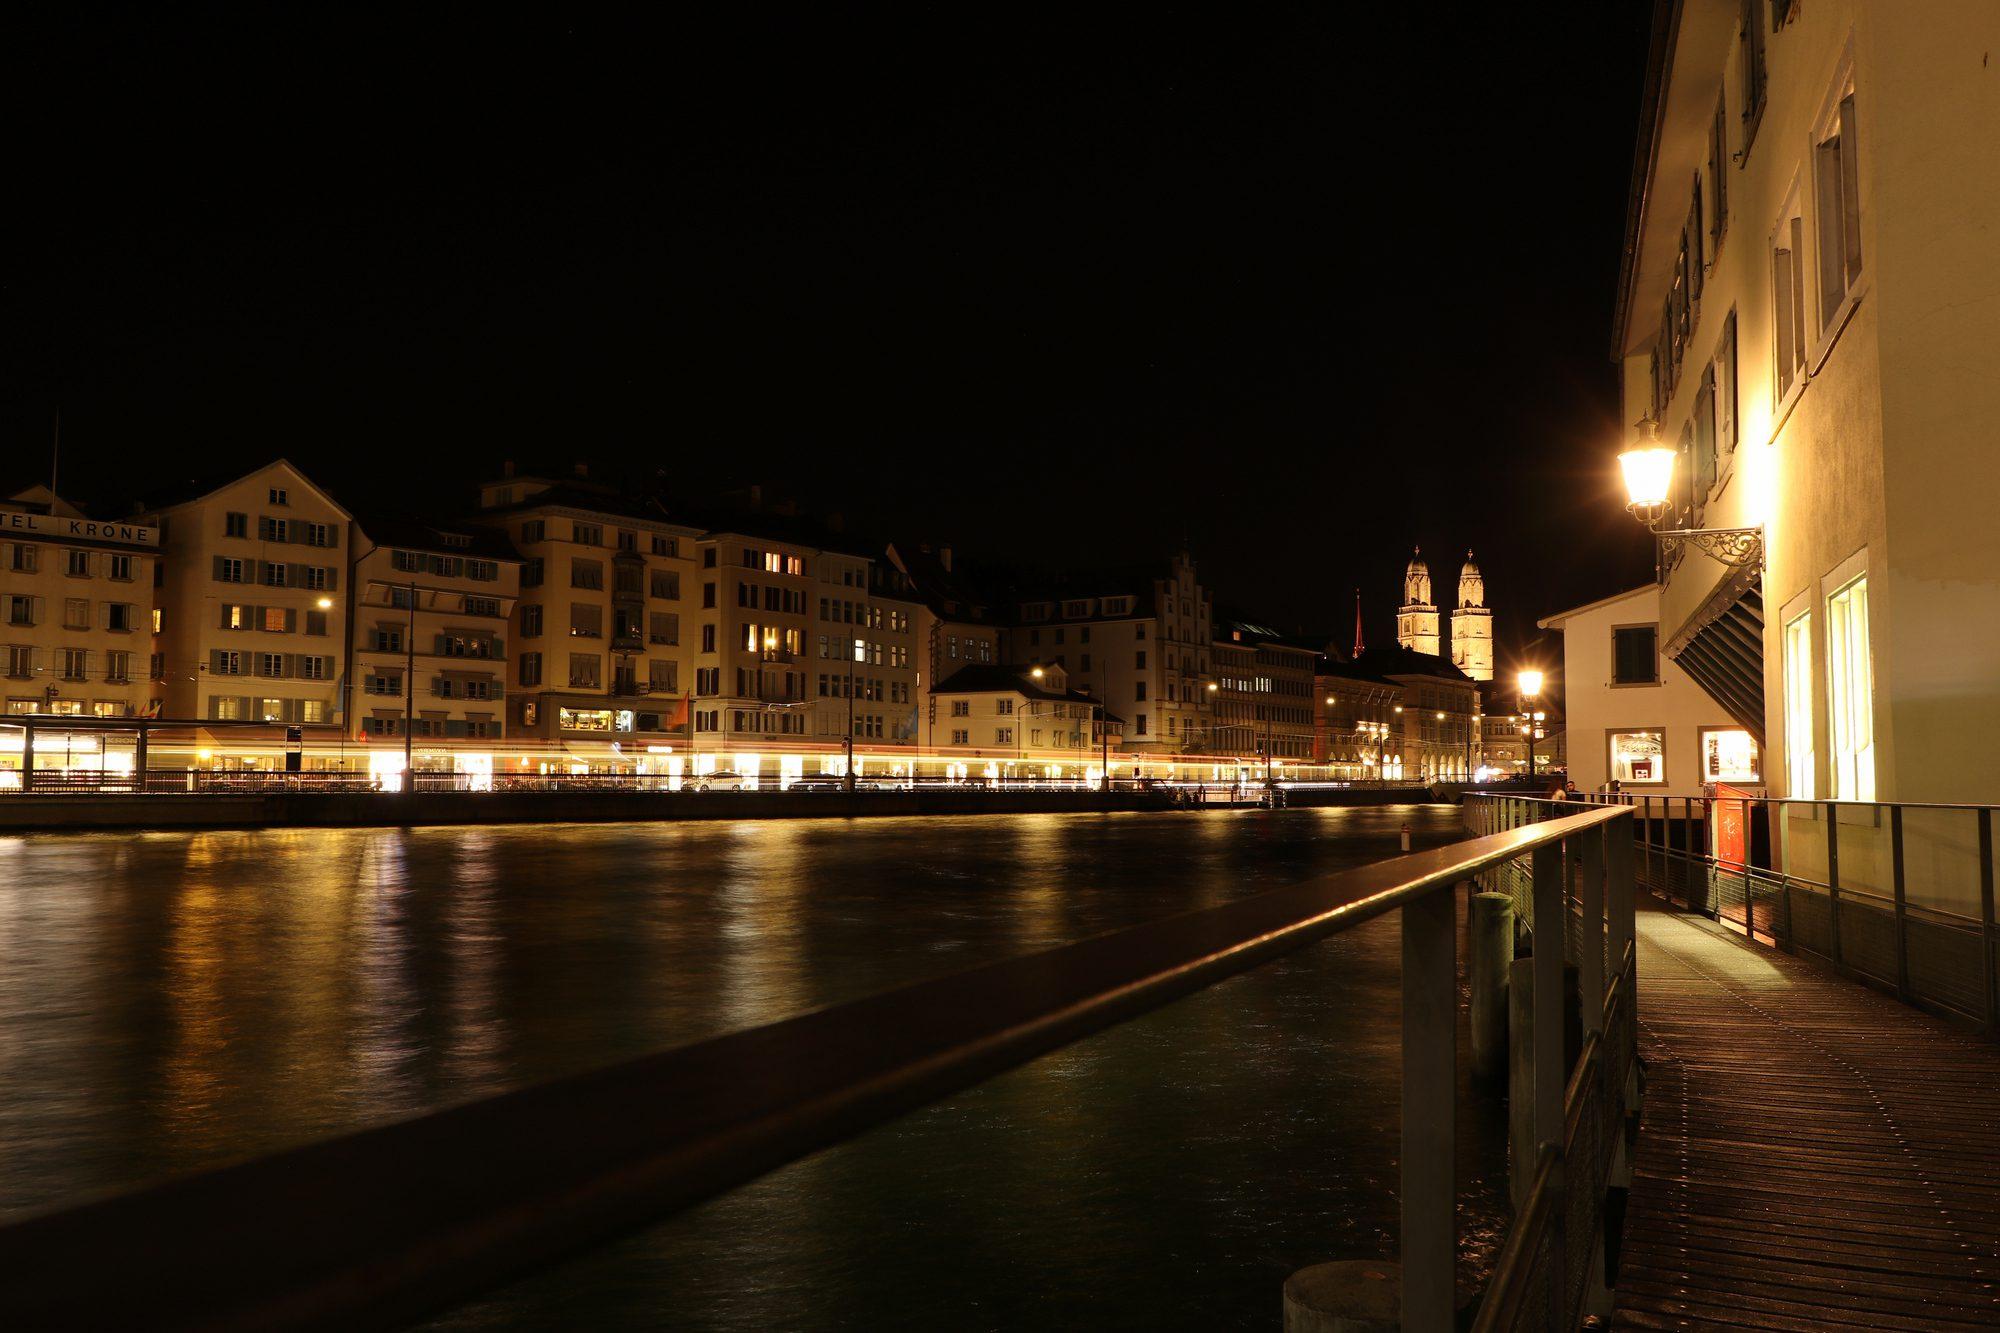 Weg entlang der Limmat in Zürich in der Nacht